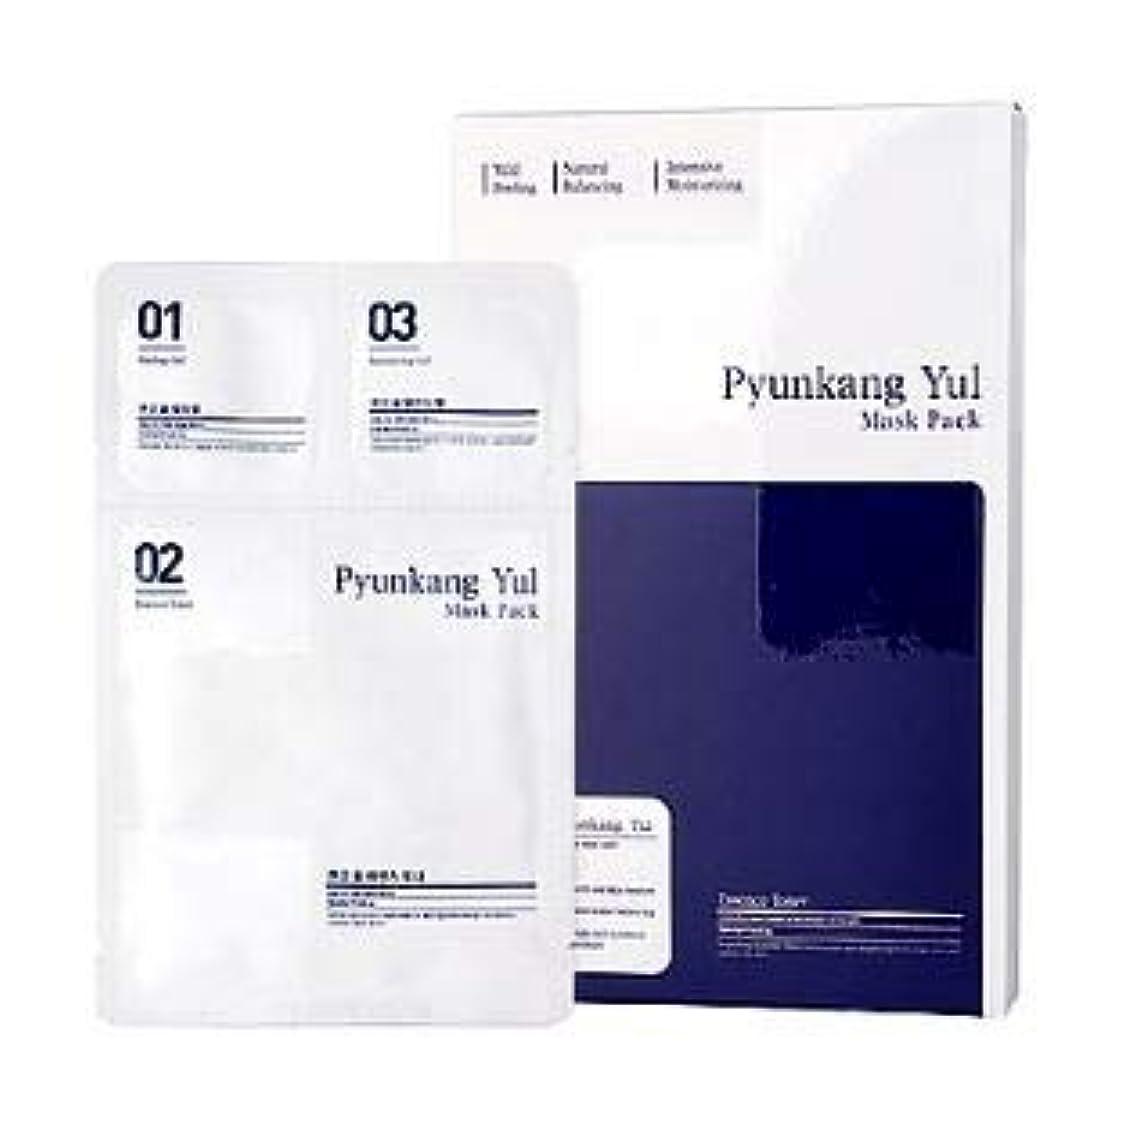 周囲平凡天国[Pyunkang Yul] 3 Step Mask Pack (5ea) /[扁康率(PYUNKANG YUL)] 3 ステップ マスク パック (5枚) [並行輸入品]